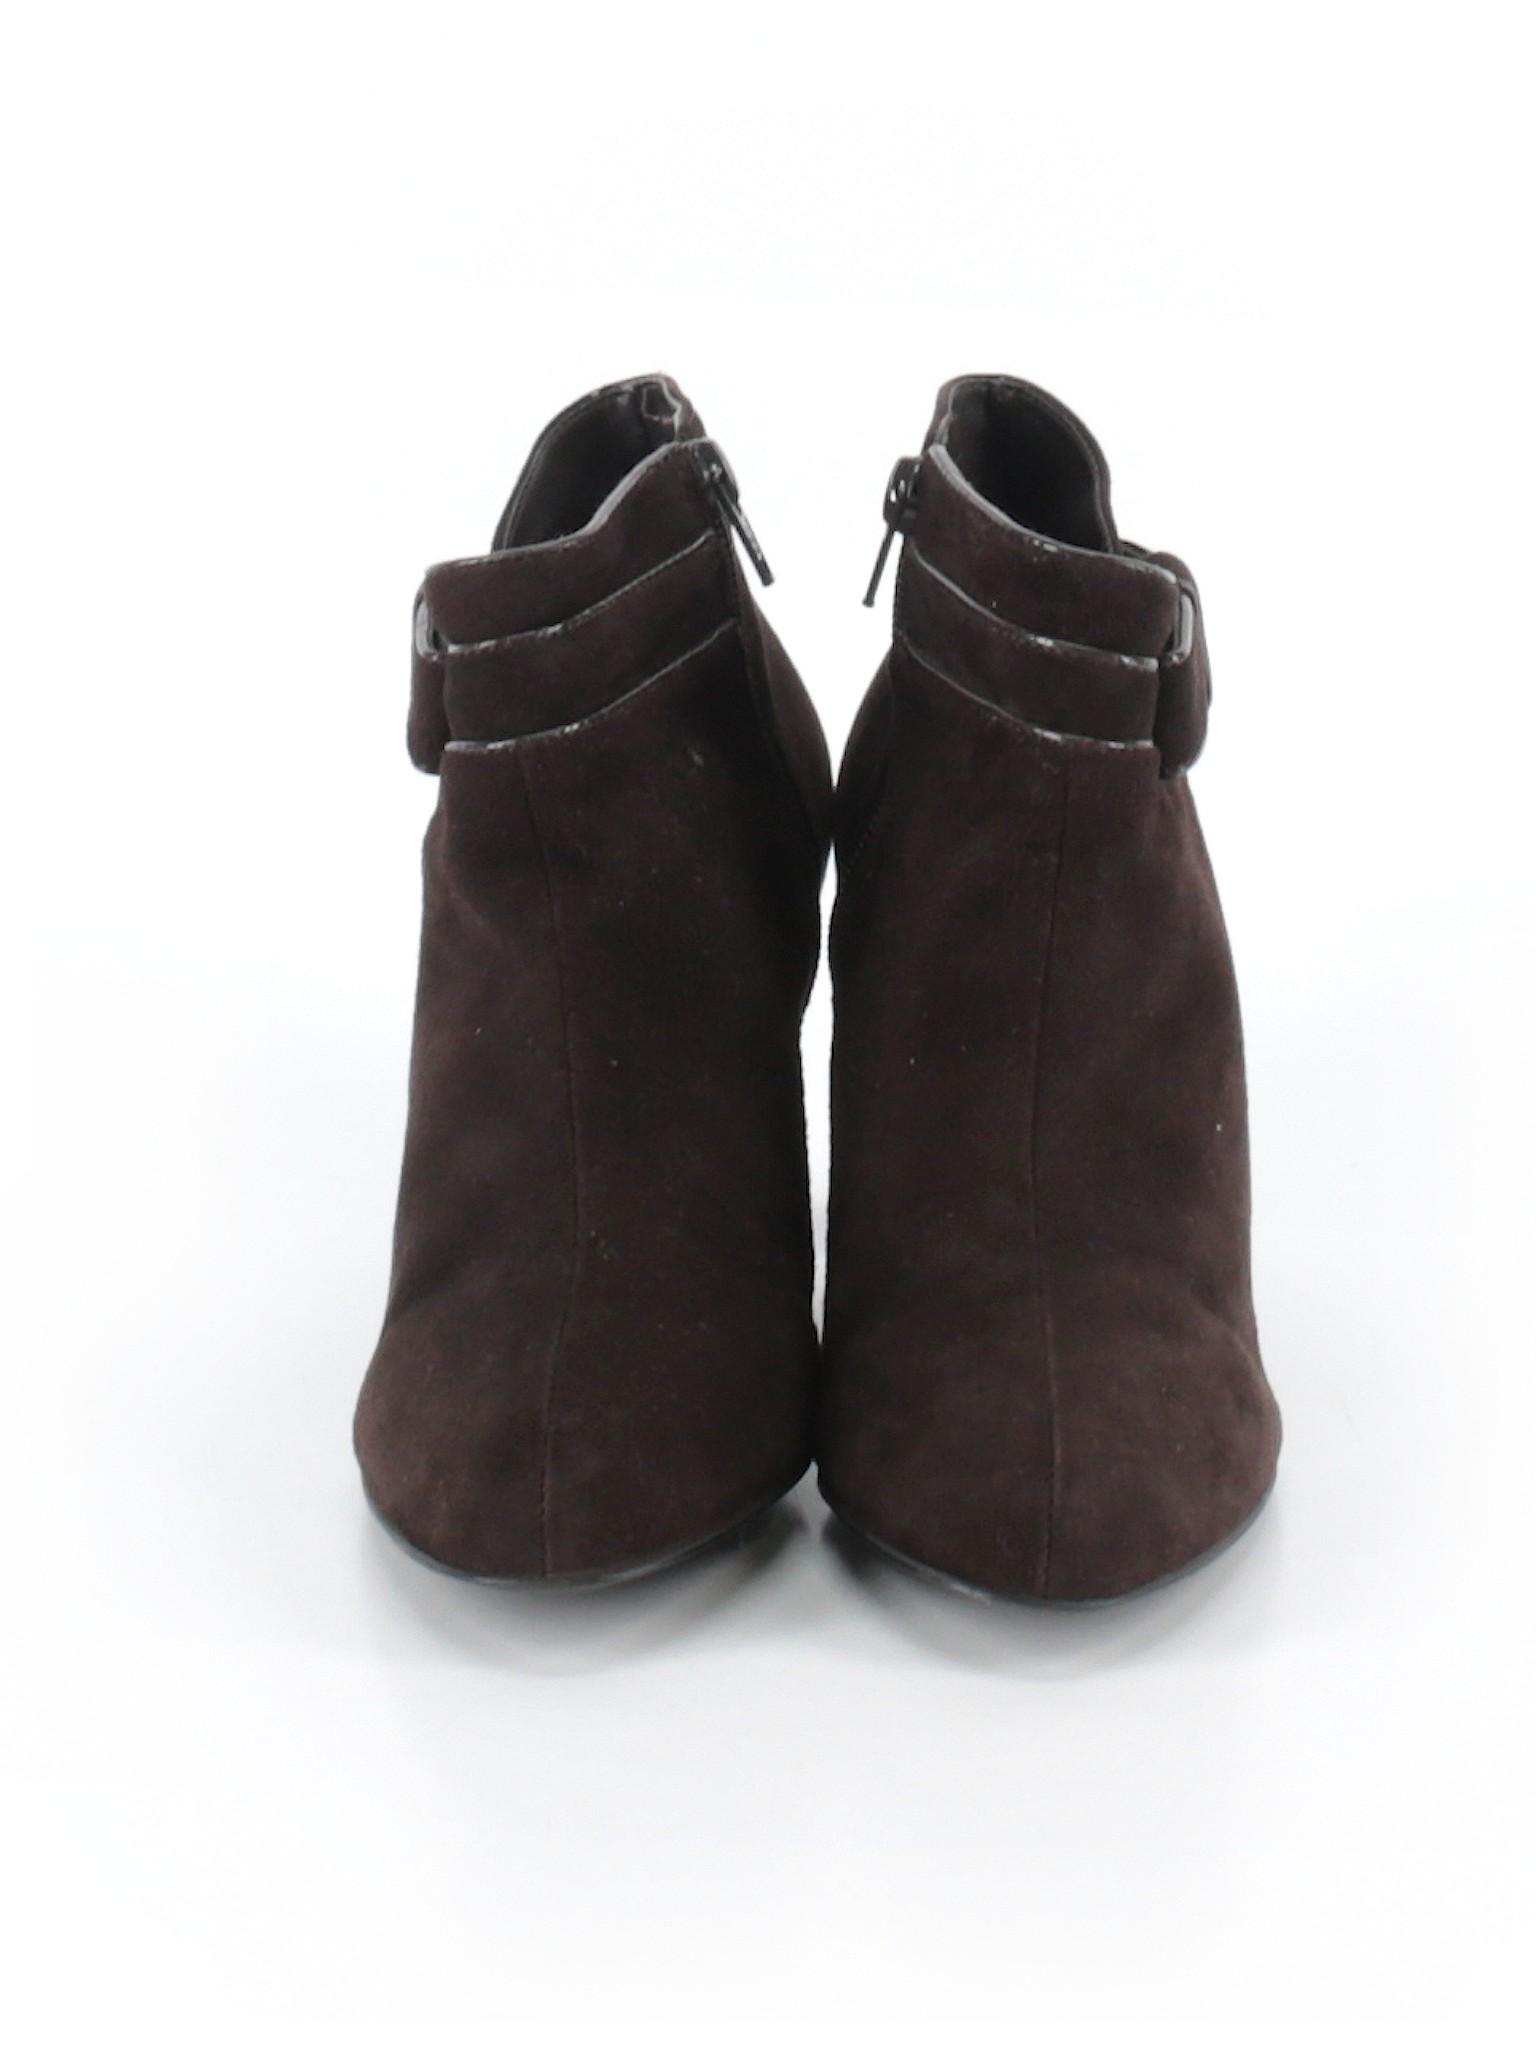 D promotion Ankle Boots Michelle Boutique TqvfEv